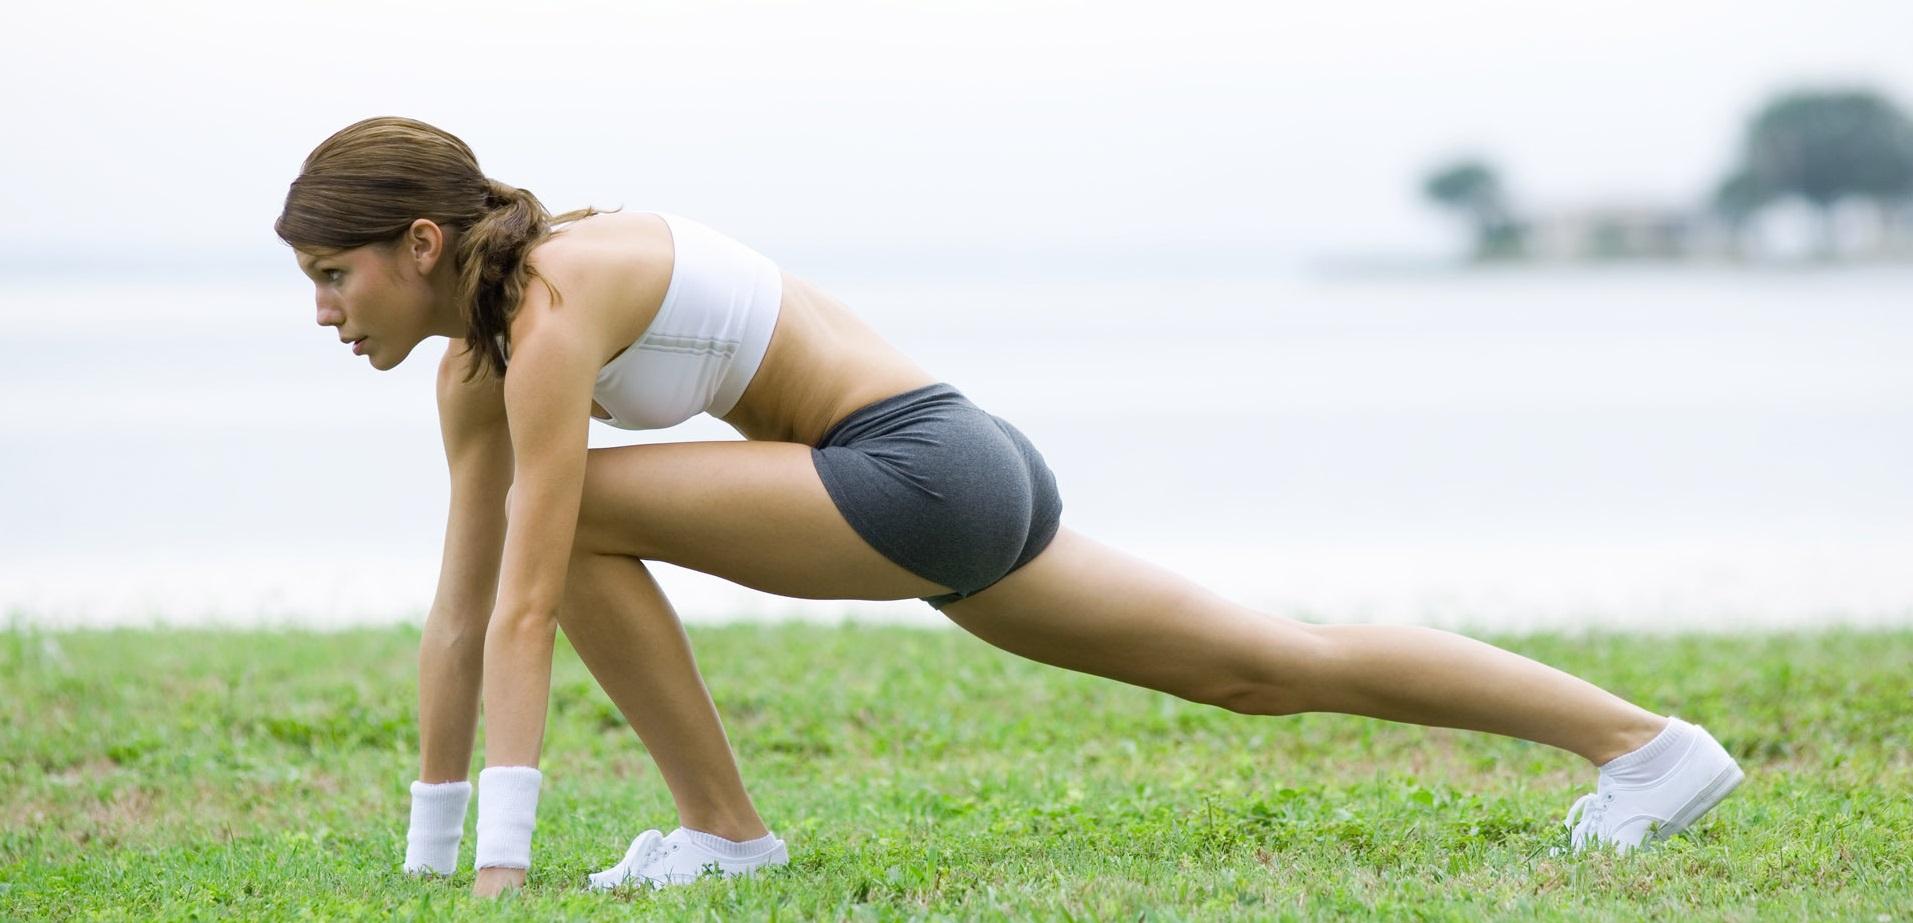 sport et cellulite votre routine physique est elle vraiment efficace cellublue. Black Bedroom Furniture Sets. Home Design Ideas